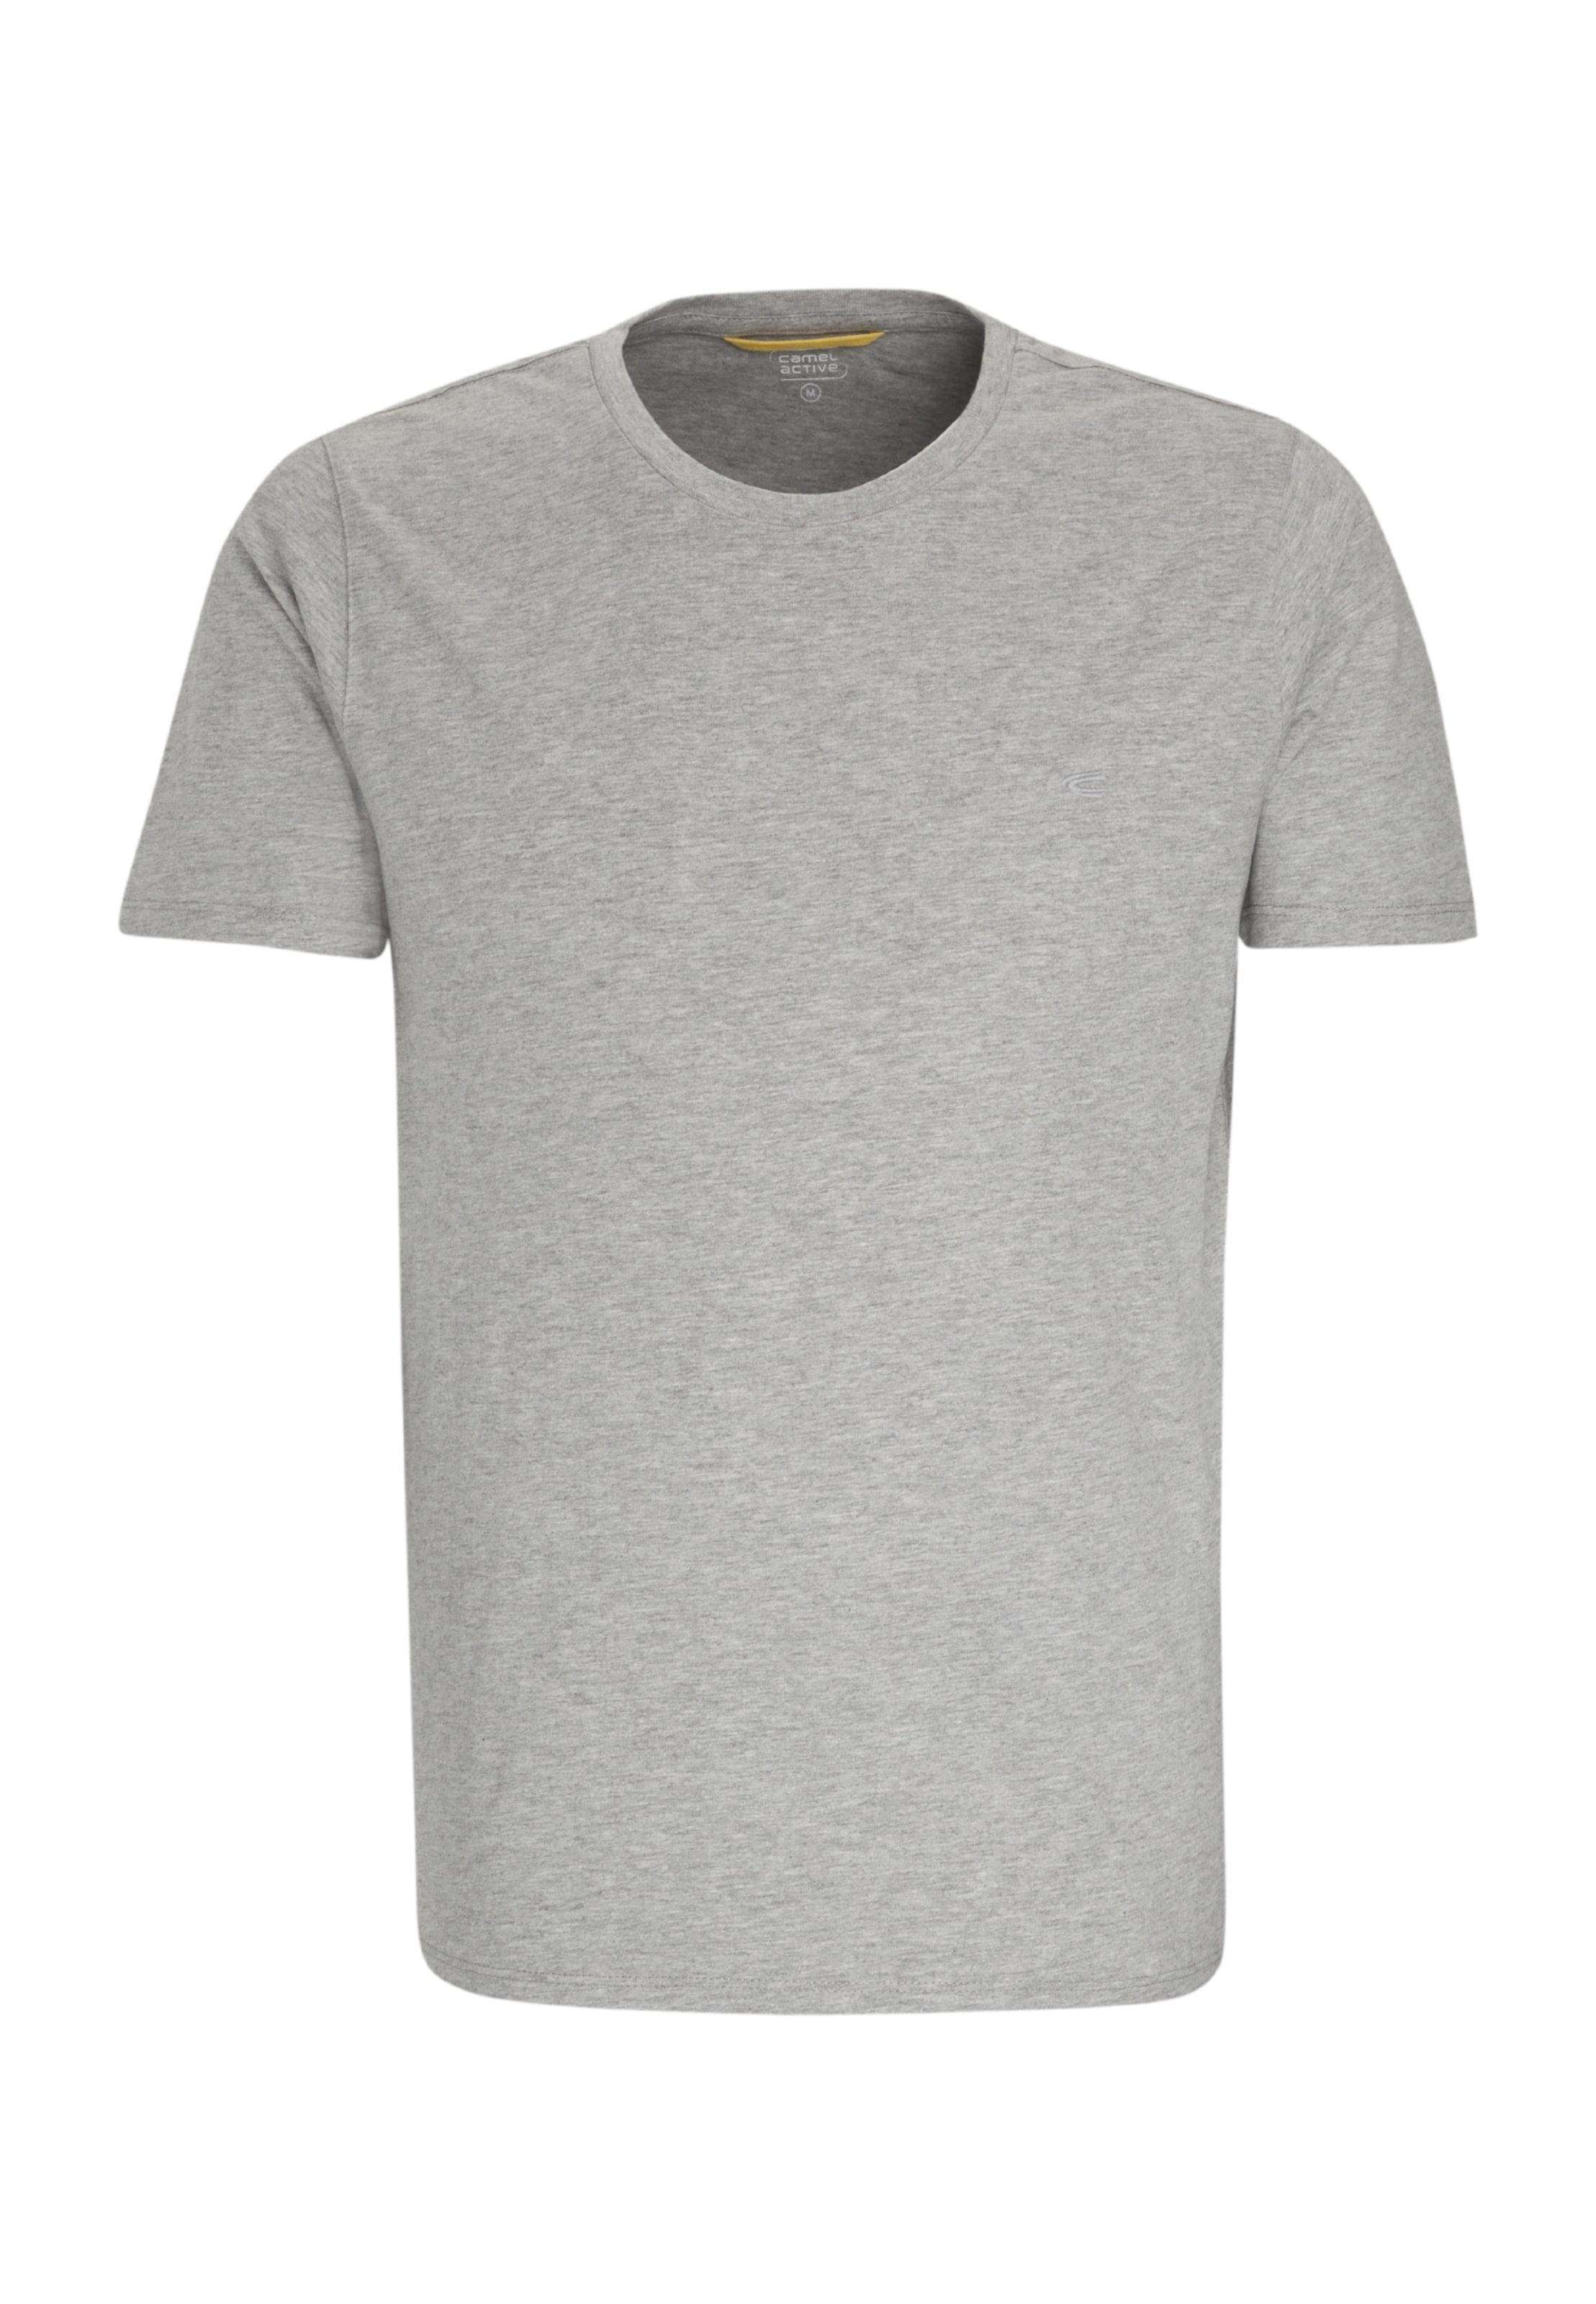 Active Graumeliert T shirt Camel In oCdrxBe